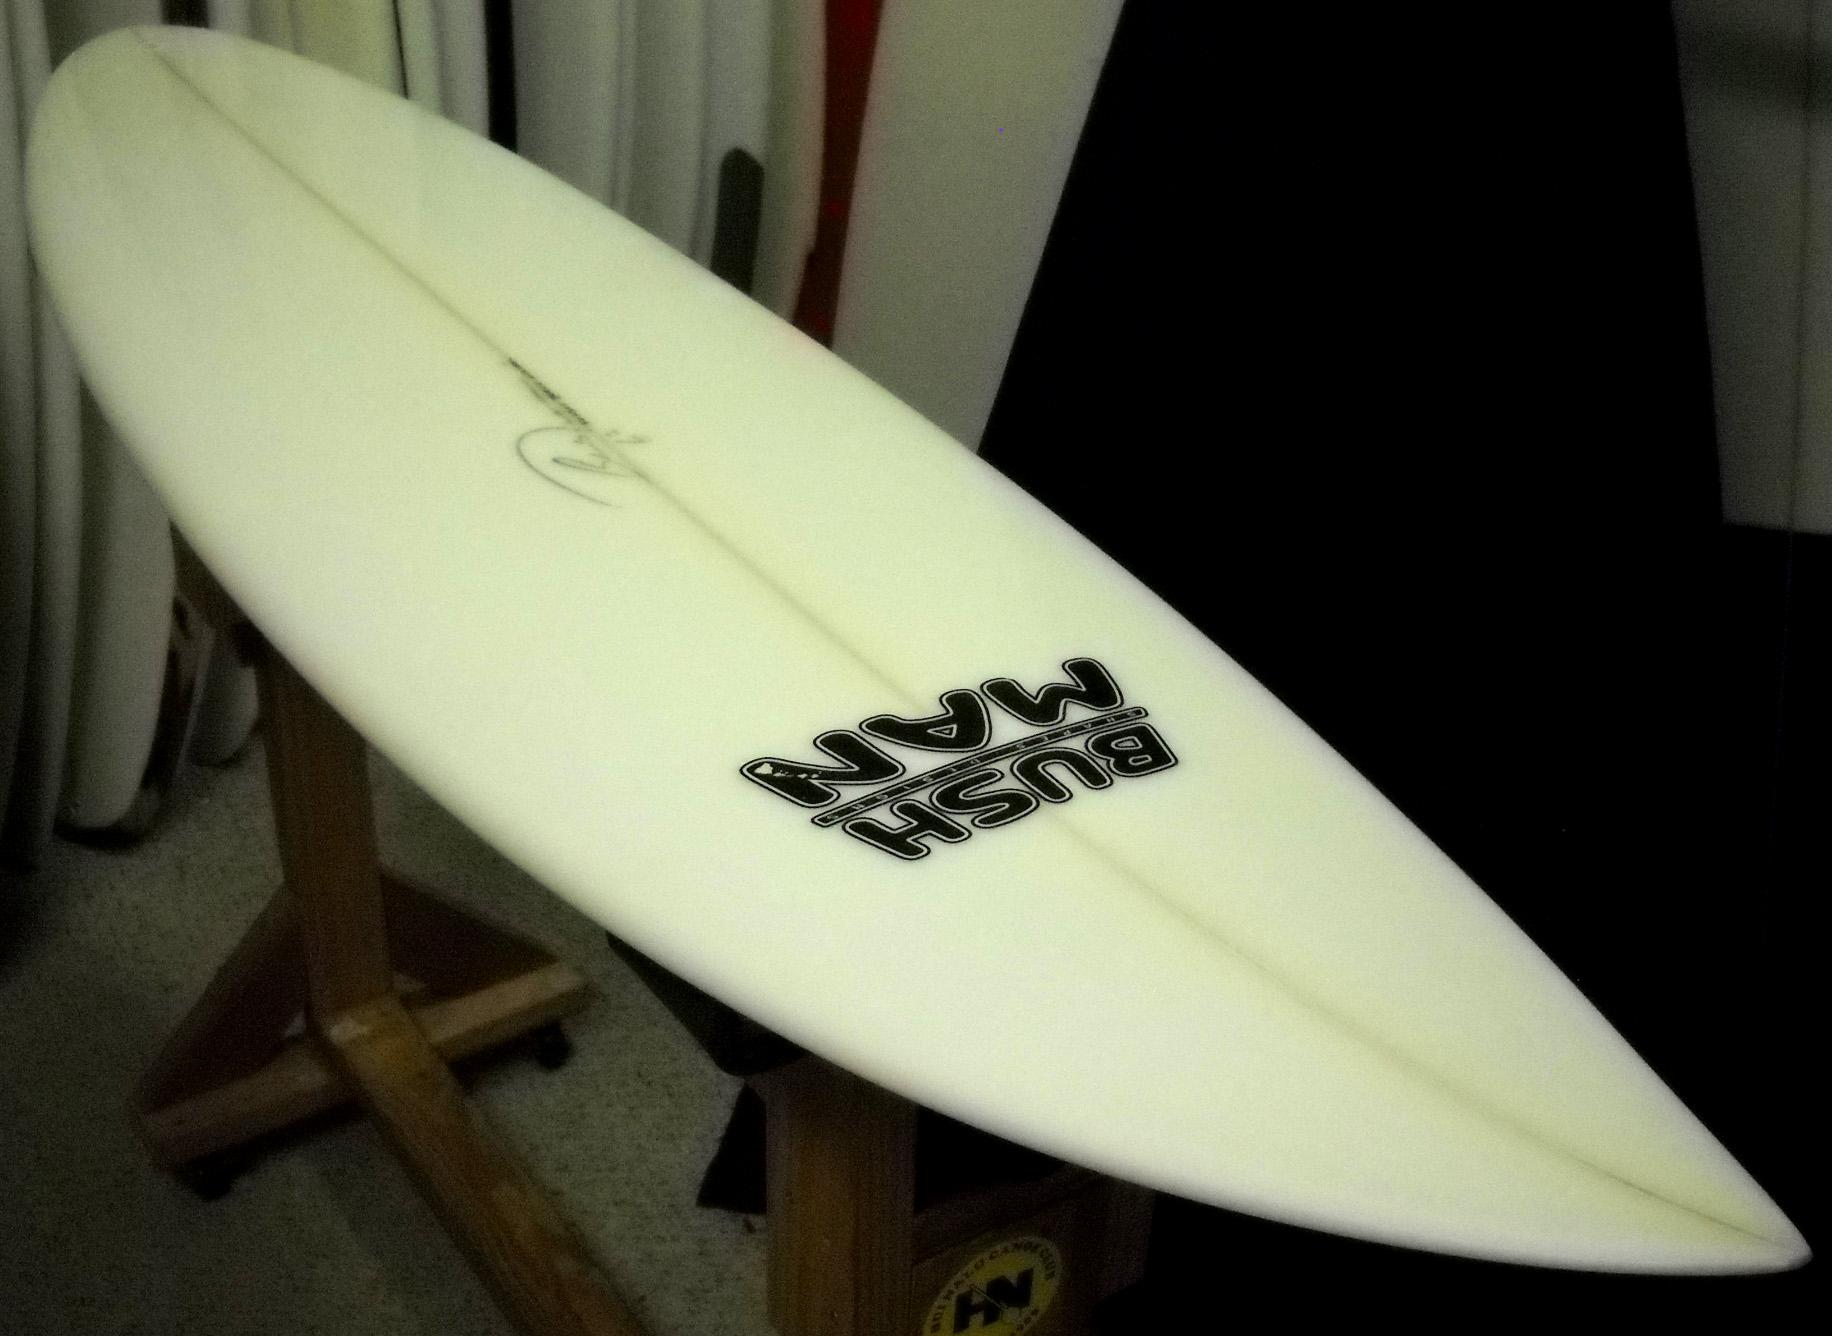 Bushman Surfboard Hawaii Surf Factory Hawaii Surf Factory